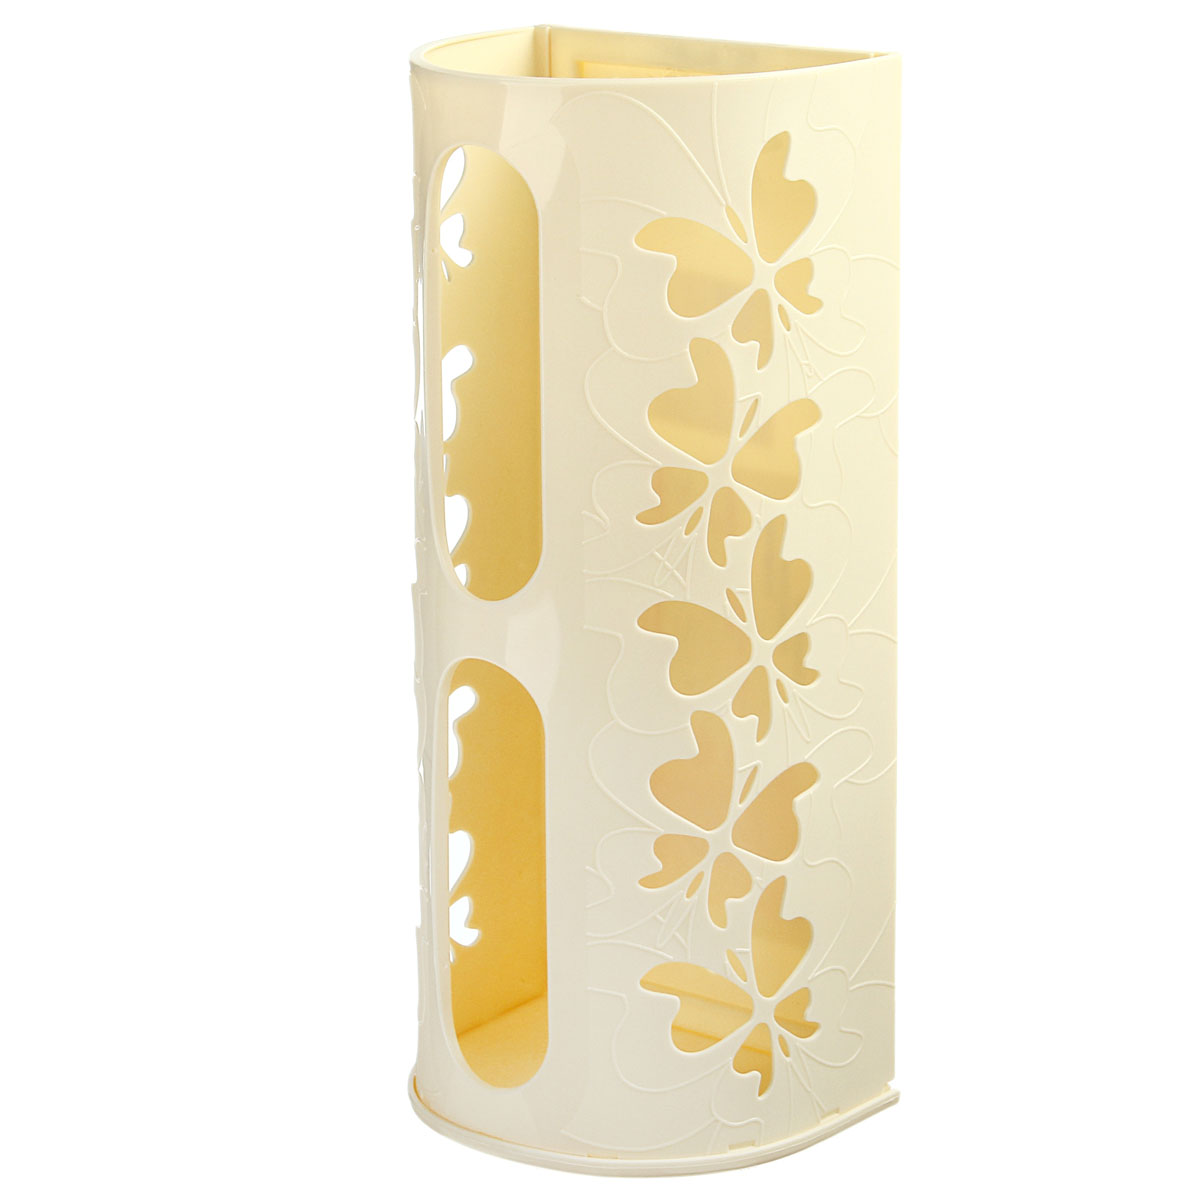 Корзина для пакетов Berossi Fly, цвет: слоновая кость98299571Корзина для пакетов Berossi Fly, изготовлена из высококачественного пластика. Эта практичная корзина наведет порядок в кладовке или кухонном шкафу и позволит хранить пластиковые пакеты или хозяйственные сумочки во всегда доступном месте! Изделие декорировано резным изображением бабочек. Корзина просто подвешивается на дверь шкафчика изнутри или снаружи, в зависимости от назначения. Корзина для пакетов Berossi Fly будет замечательным подарком для поддержания чистоты и порядка. Она сэкономит место, гармонично впишется в интерьер и будет радовать вас уникальным дизайном.